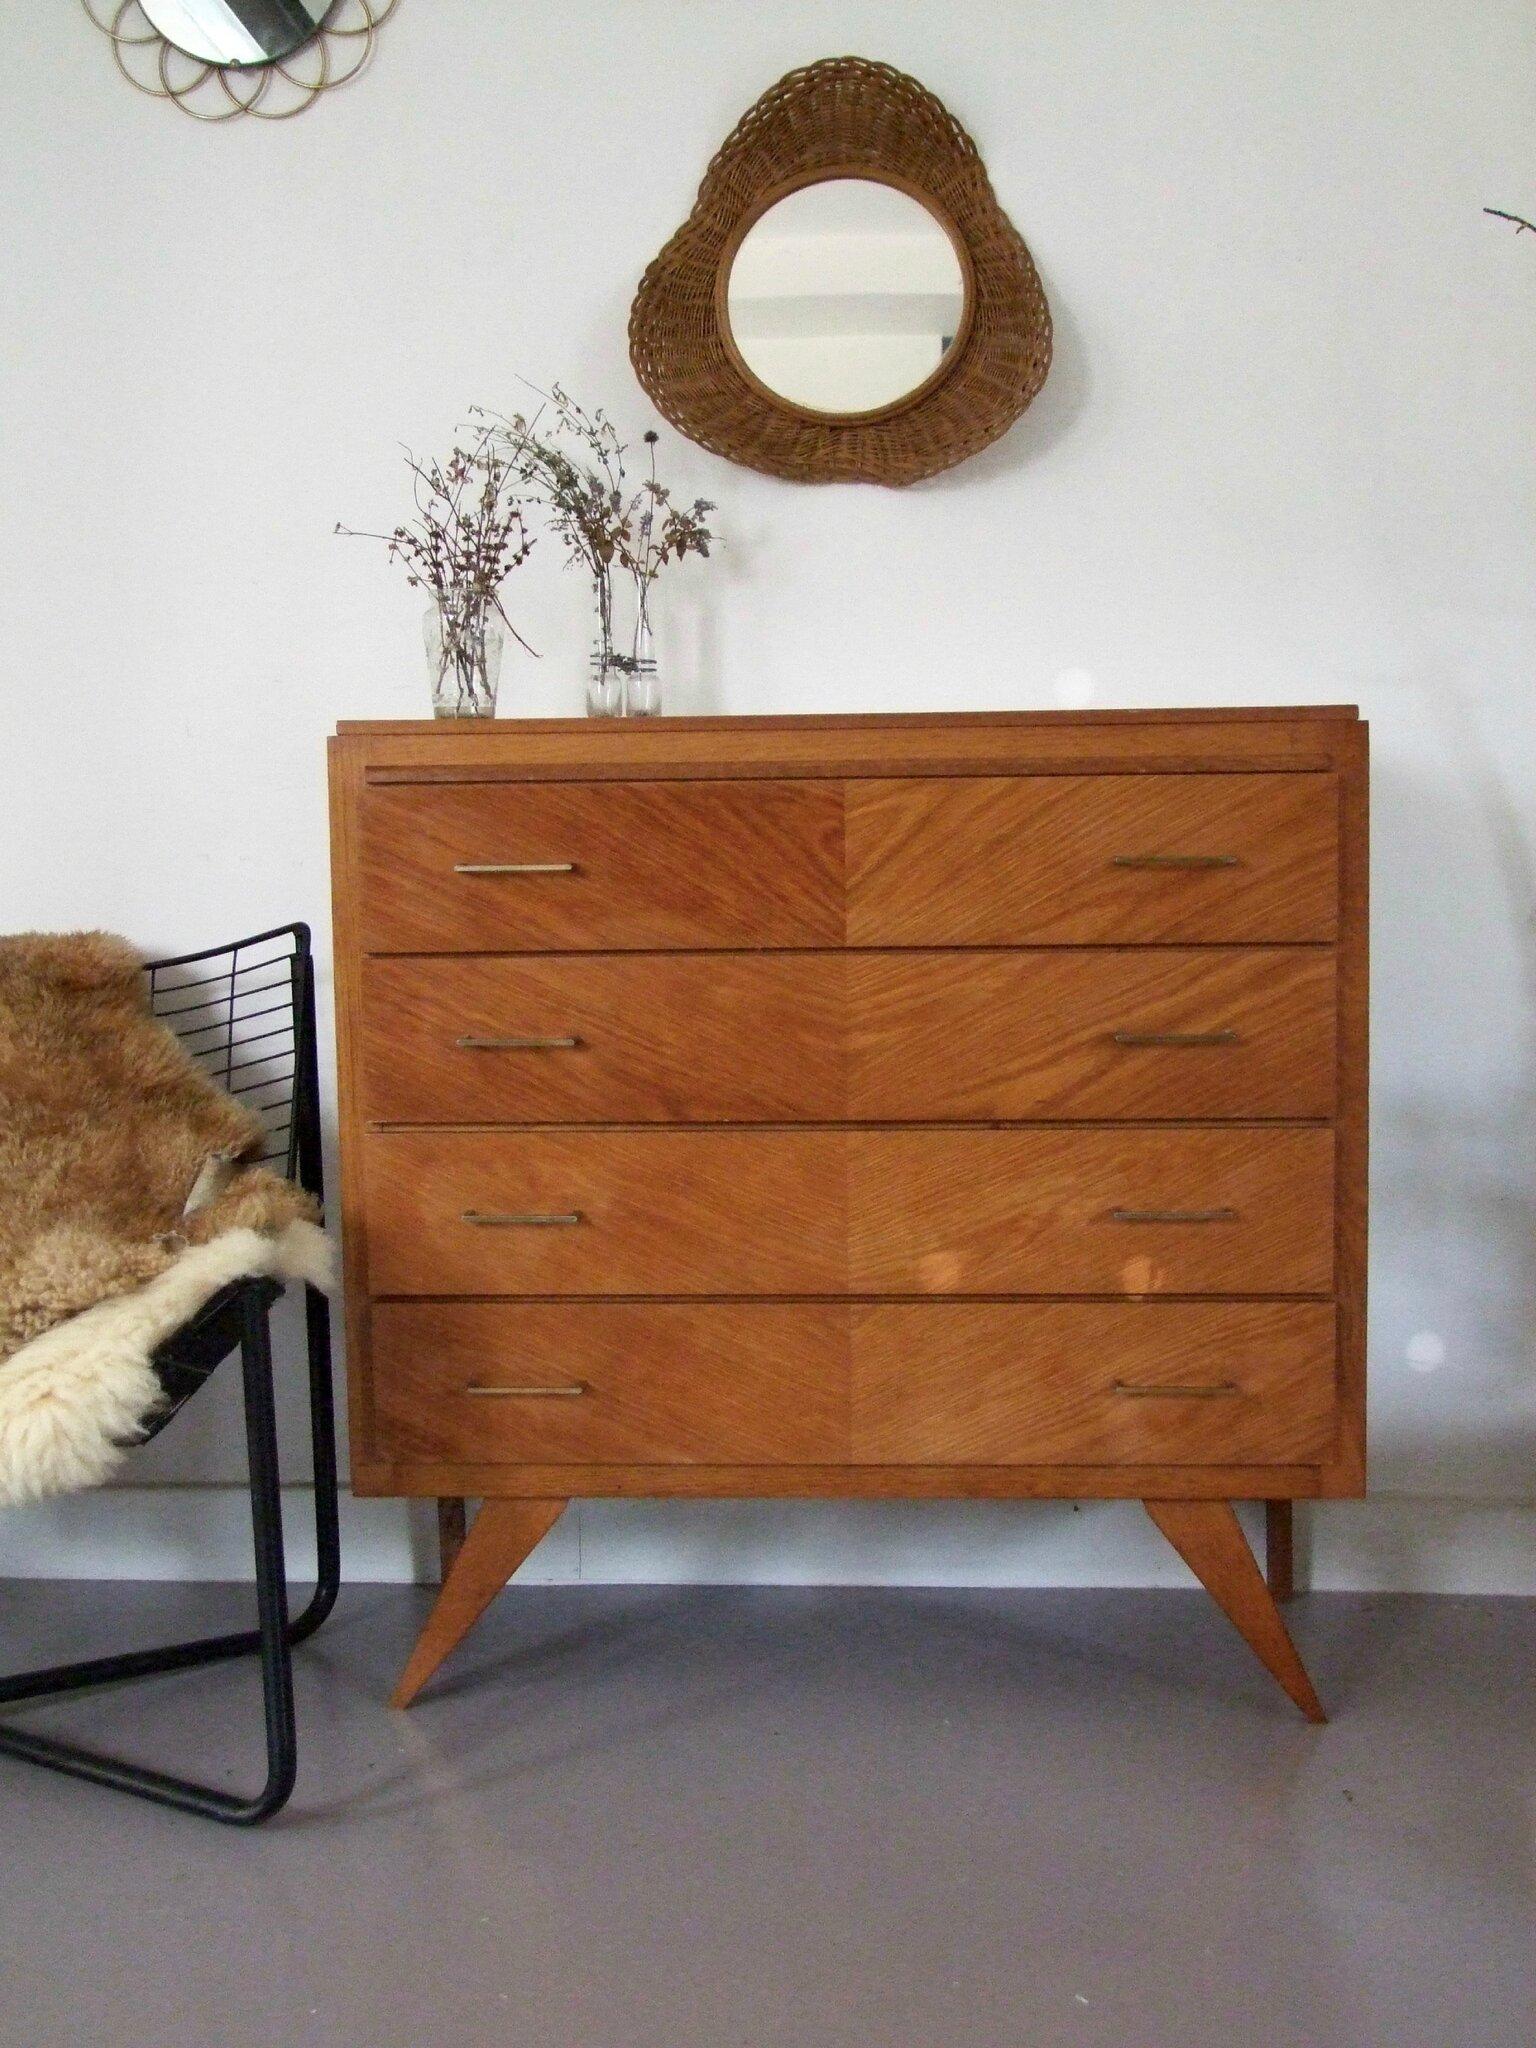 commodes meubles vintage pataluna chin s d nich s et d lur s. Black Bedroom Furniture Sets. Home Design Ideas